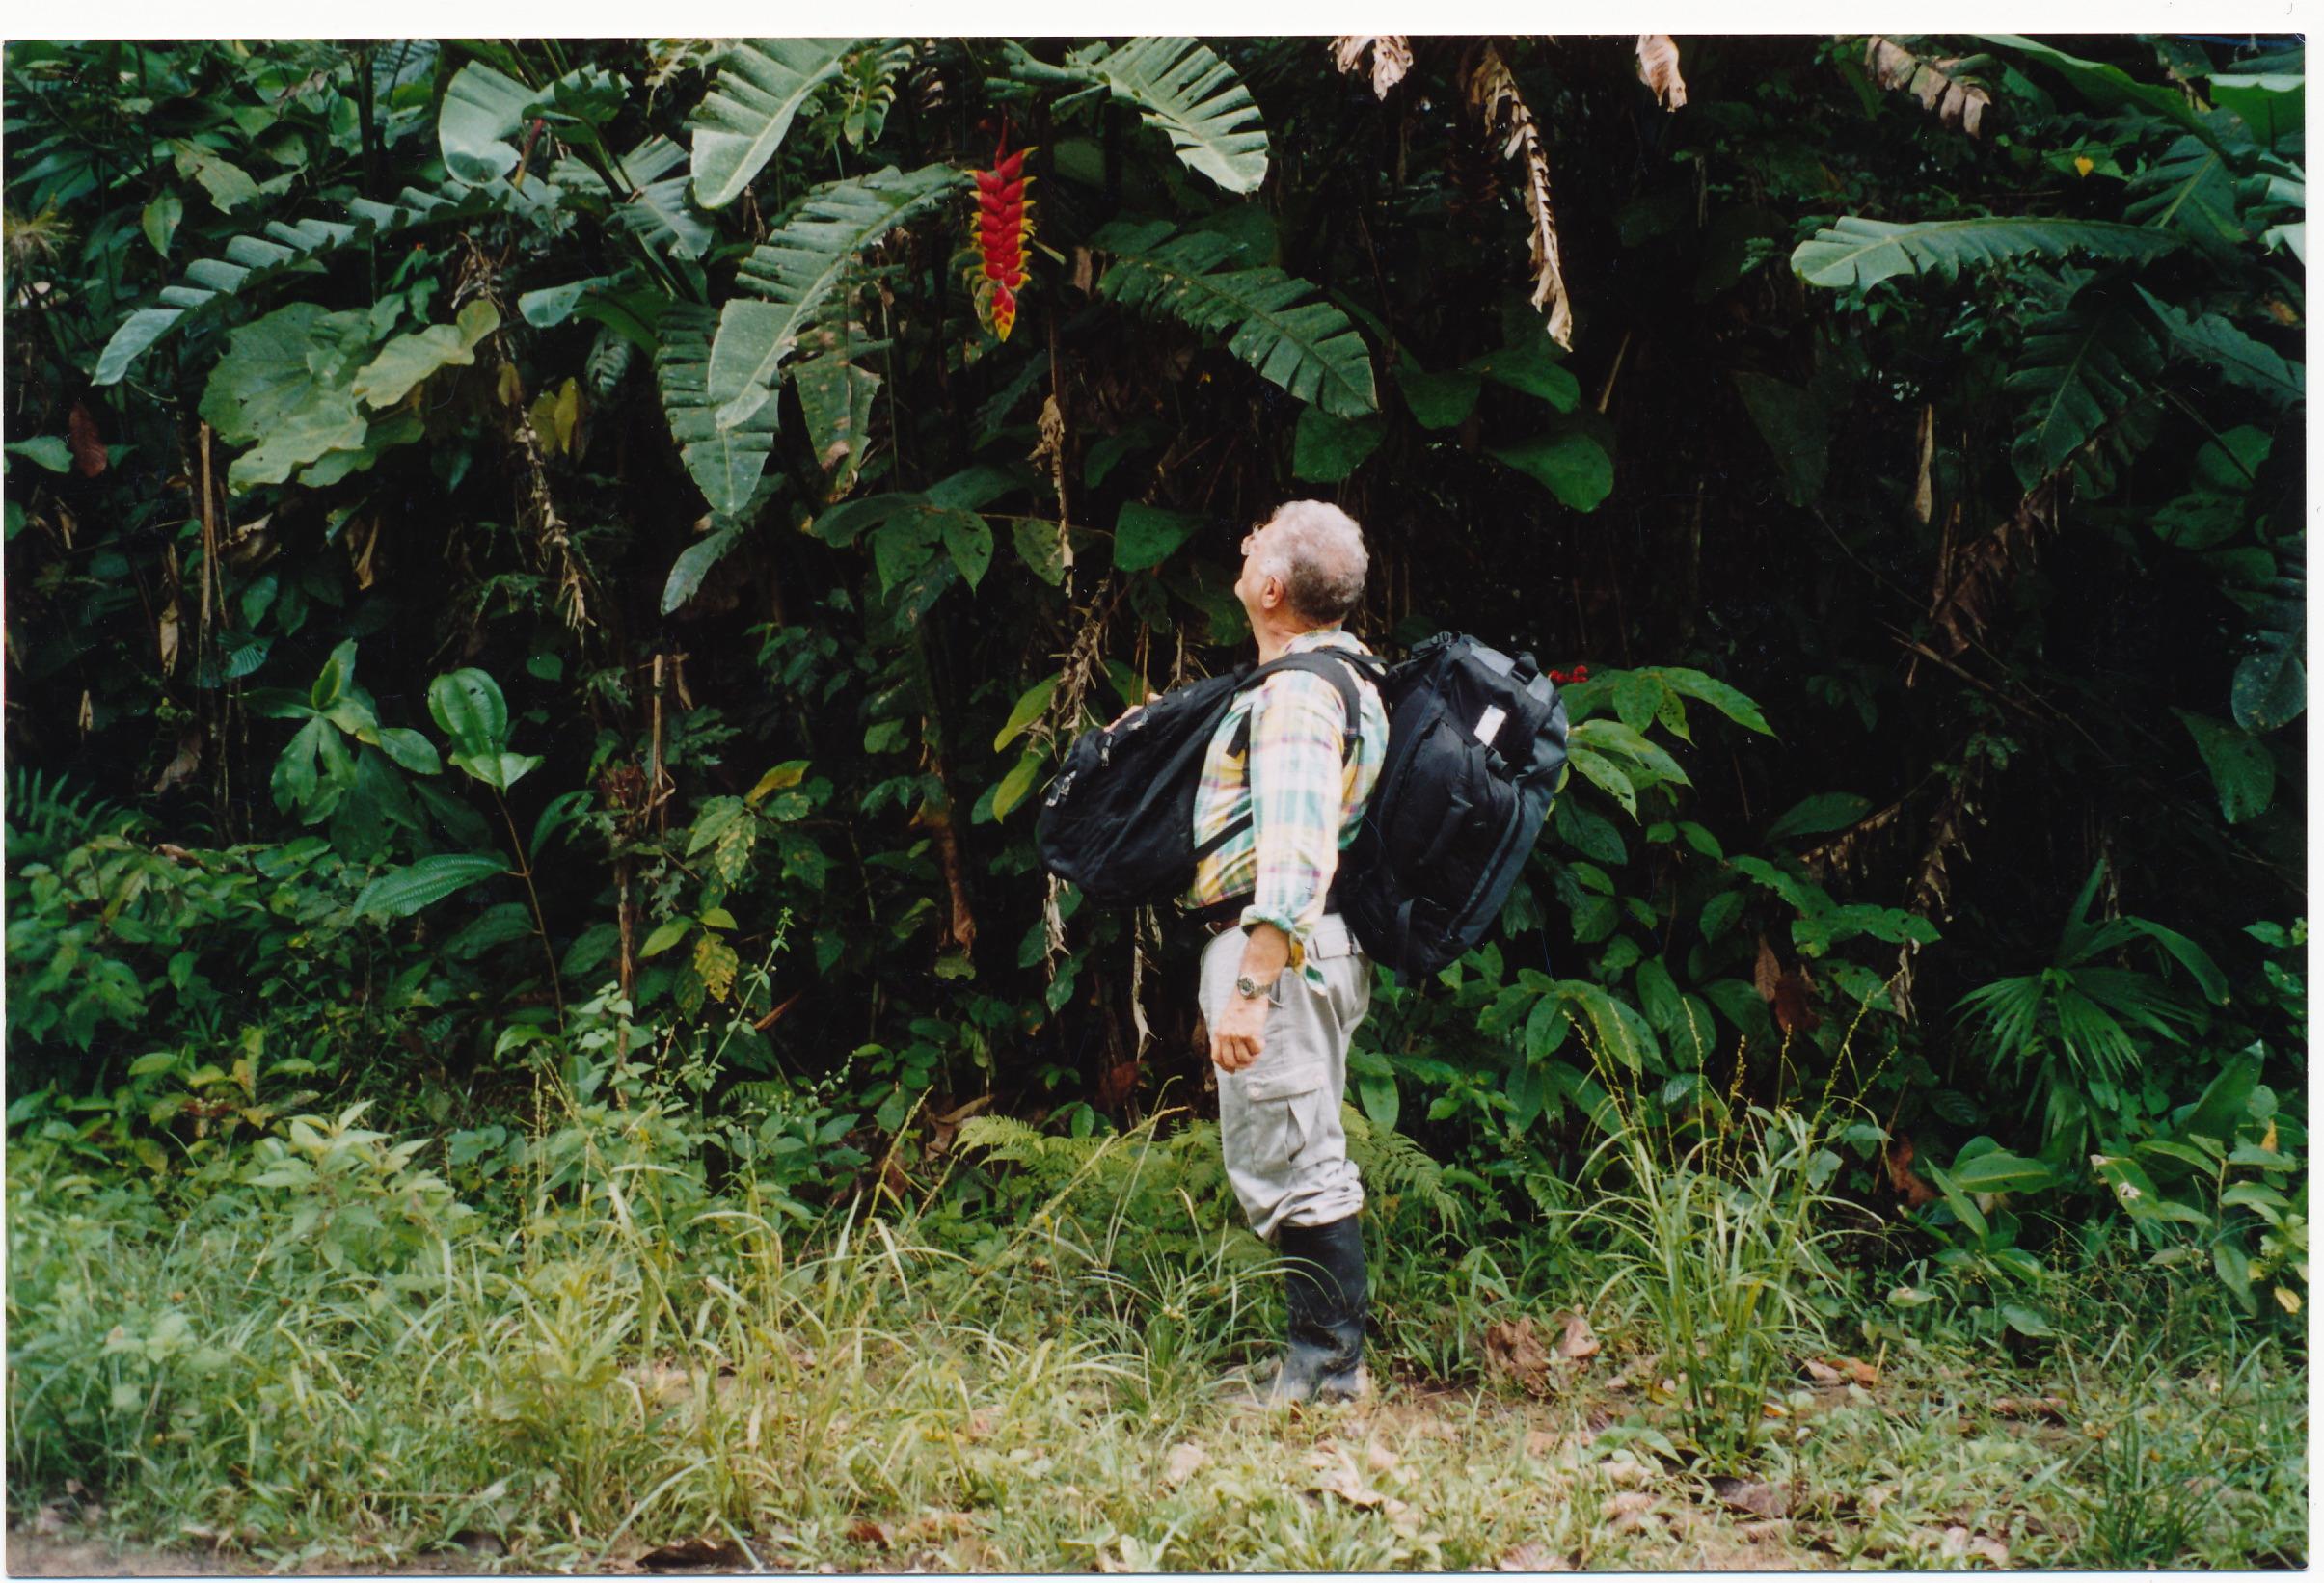 Jean-Pierre Gontard se prépare à rencontrer les responsables de la guérilla des FARC dans la forêt colombienne. © Courtesy Jean-Pierre Gontard.